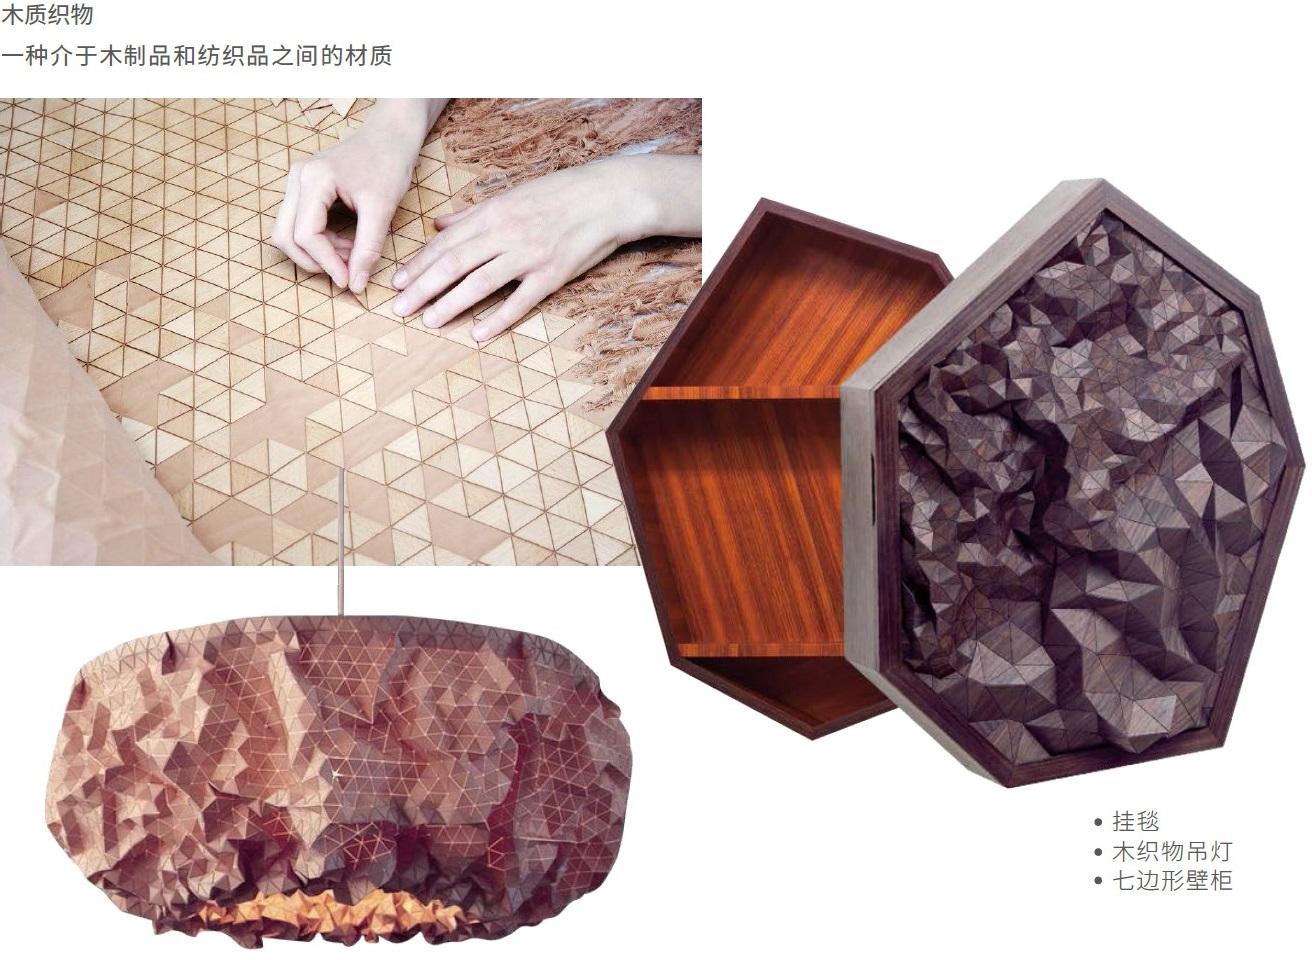 深圳国际家具展,设计周,家具展,未来家居,新材料